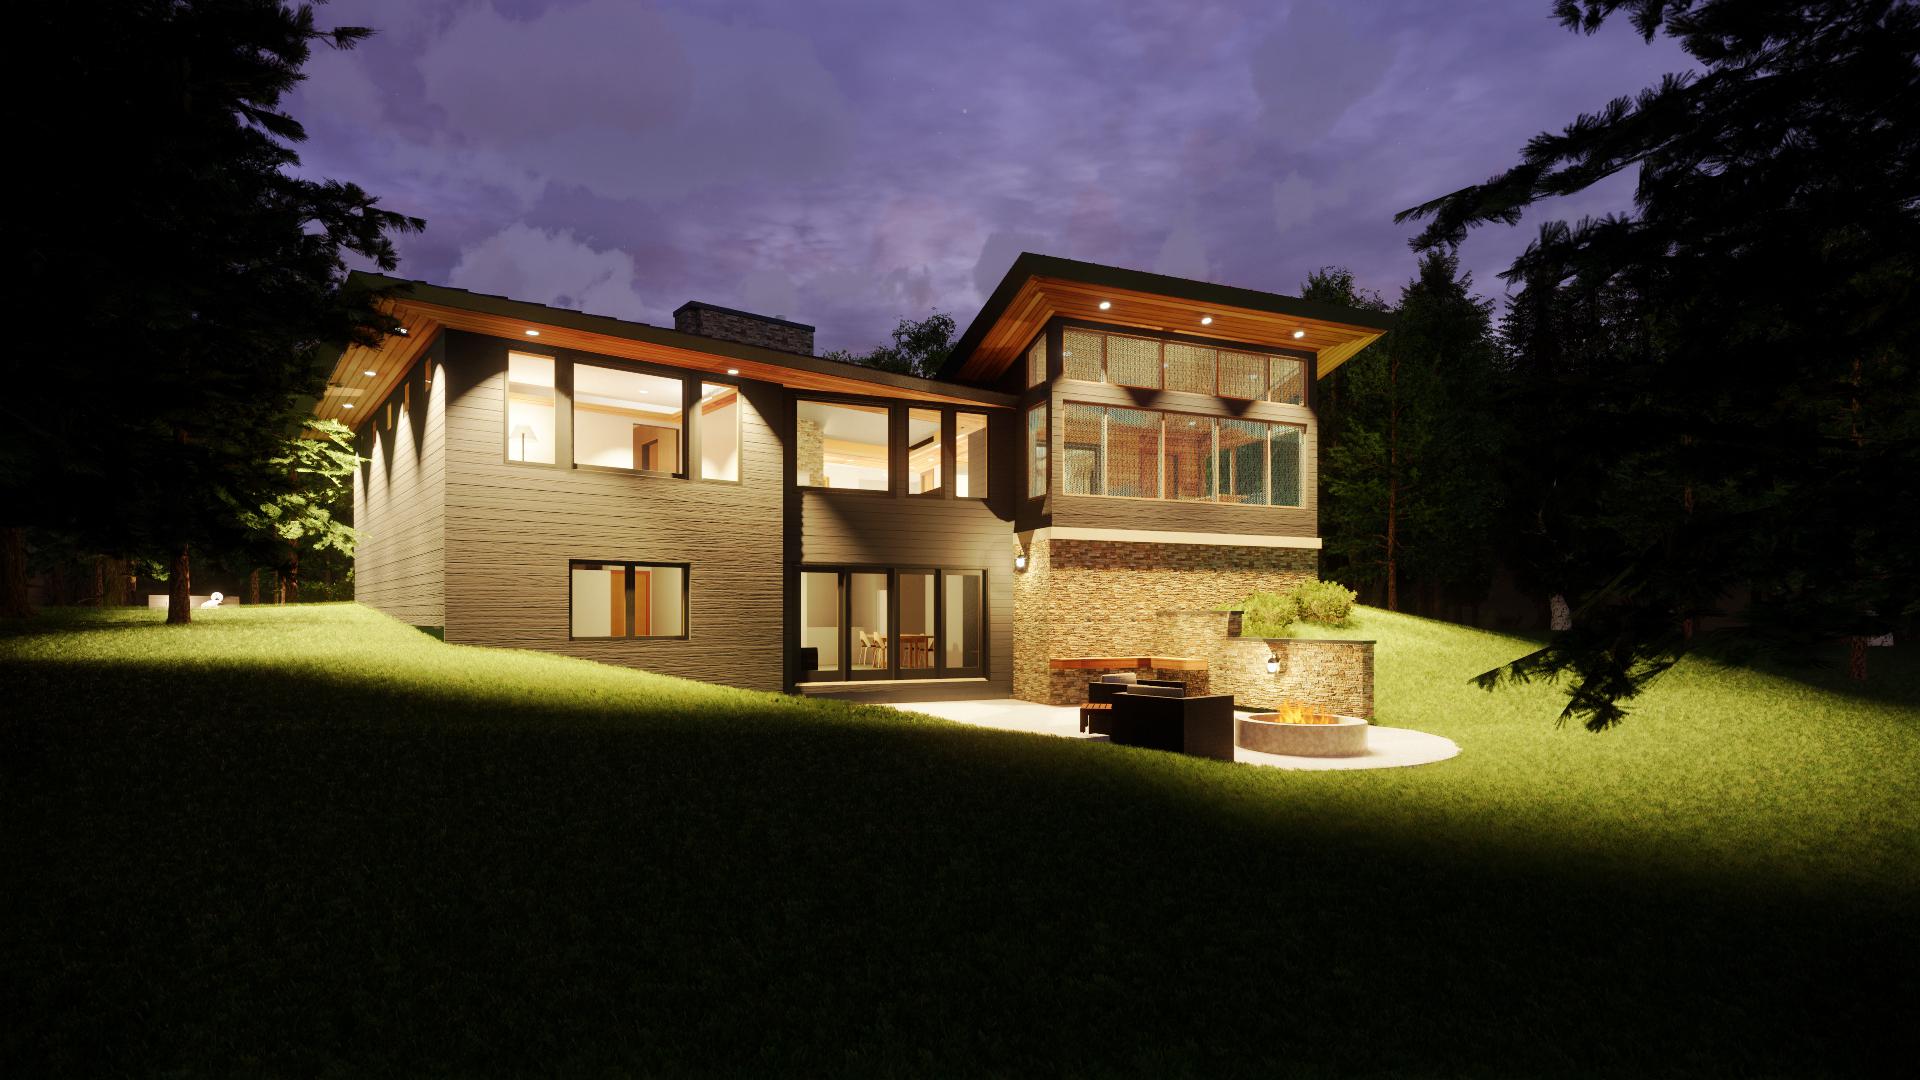 20190516 - 1720 - Kjellberg Cabin - Rend